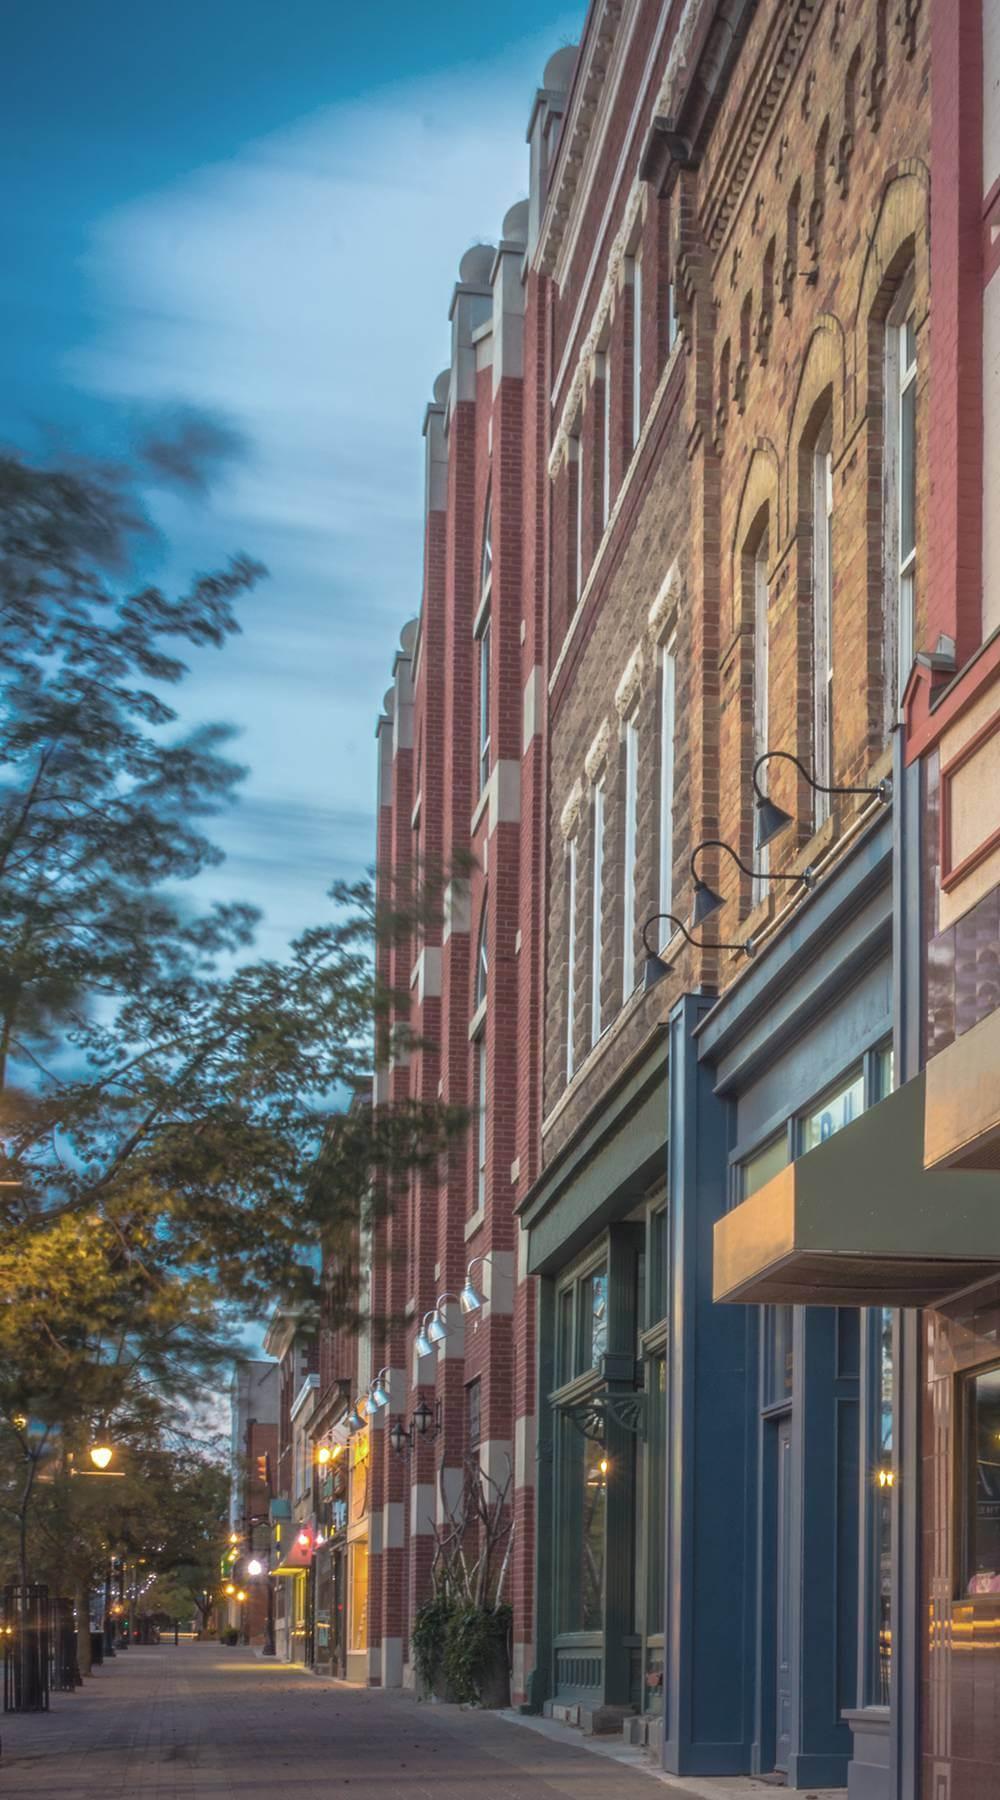 View along downtown sidewalk